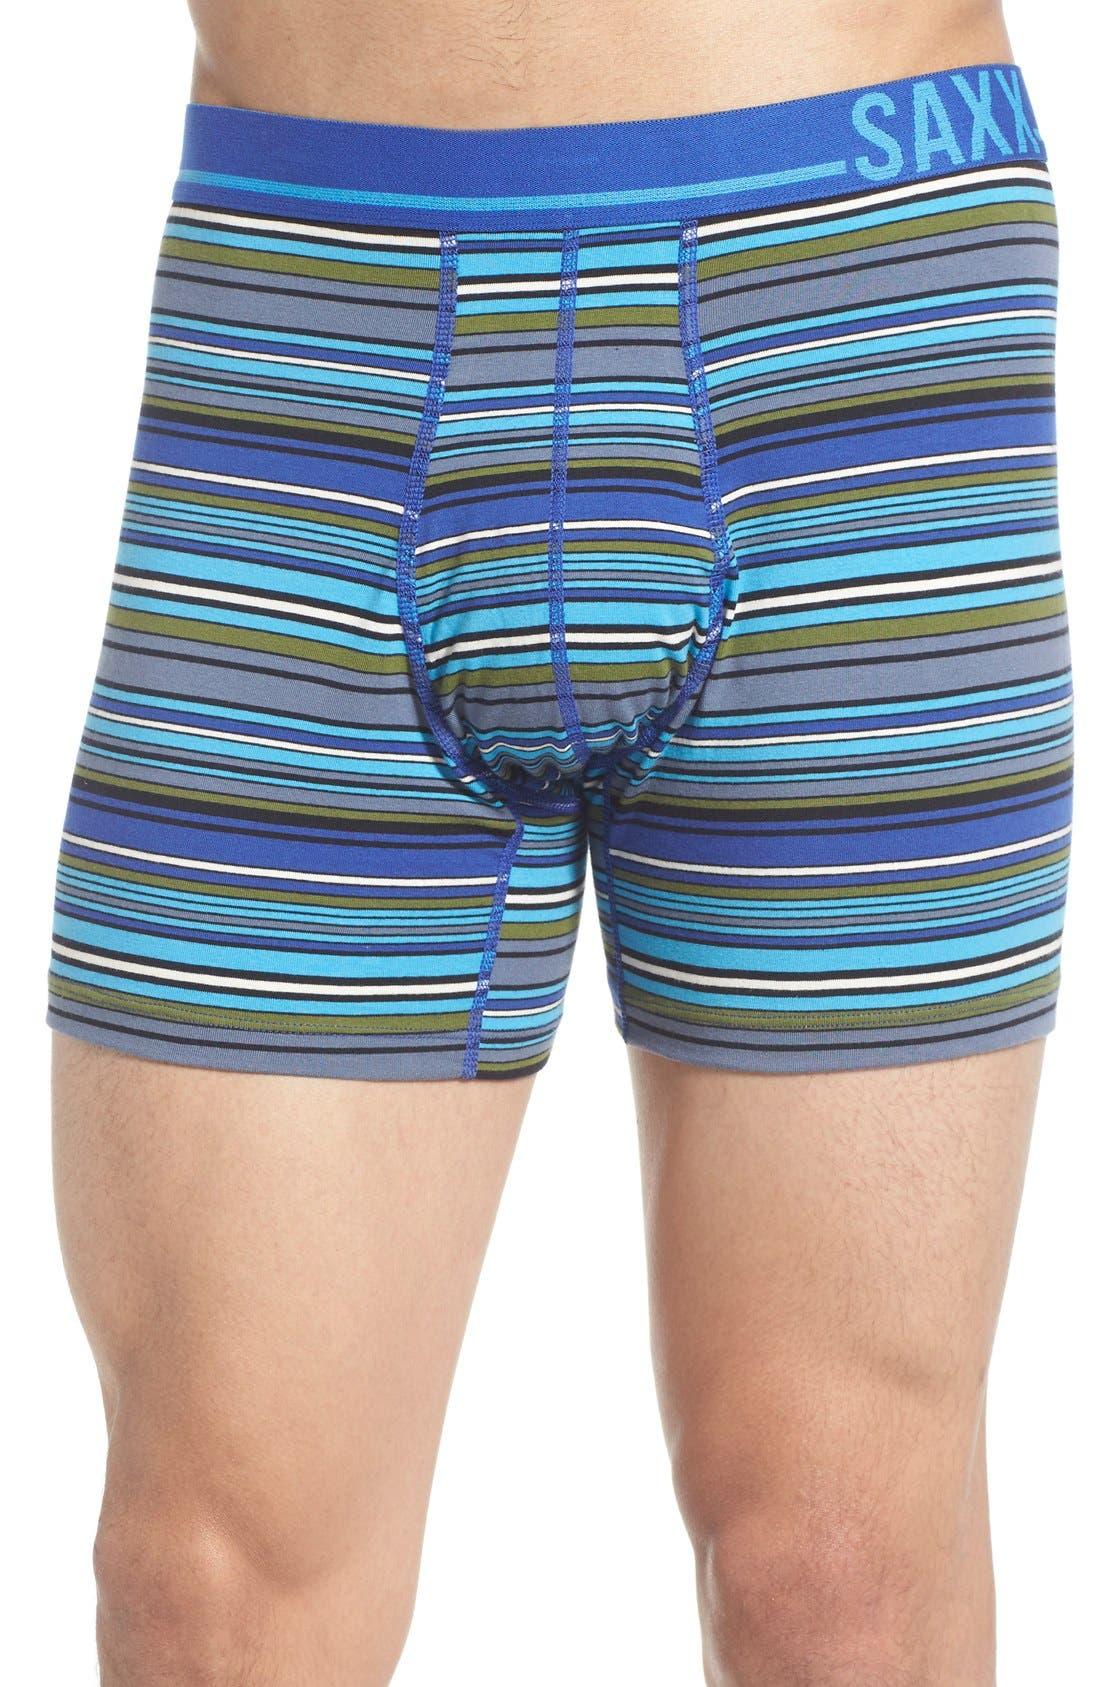 365 Boxer Briefs,                             Main thumbnail 1, color,                             Cobalt Blanket Stripe